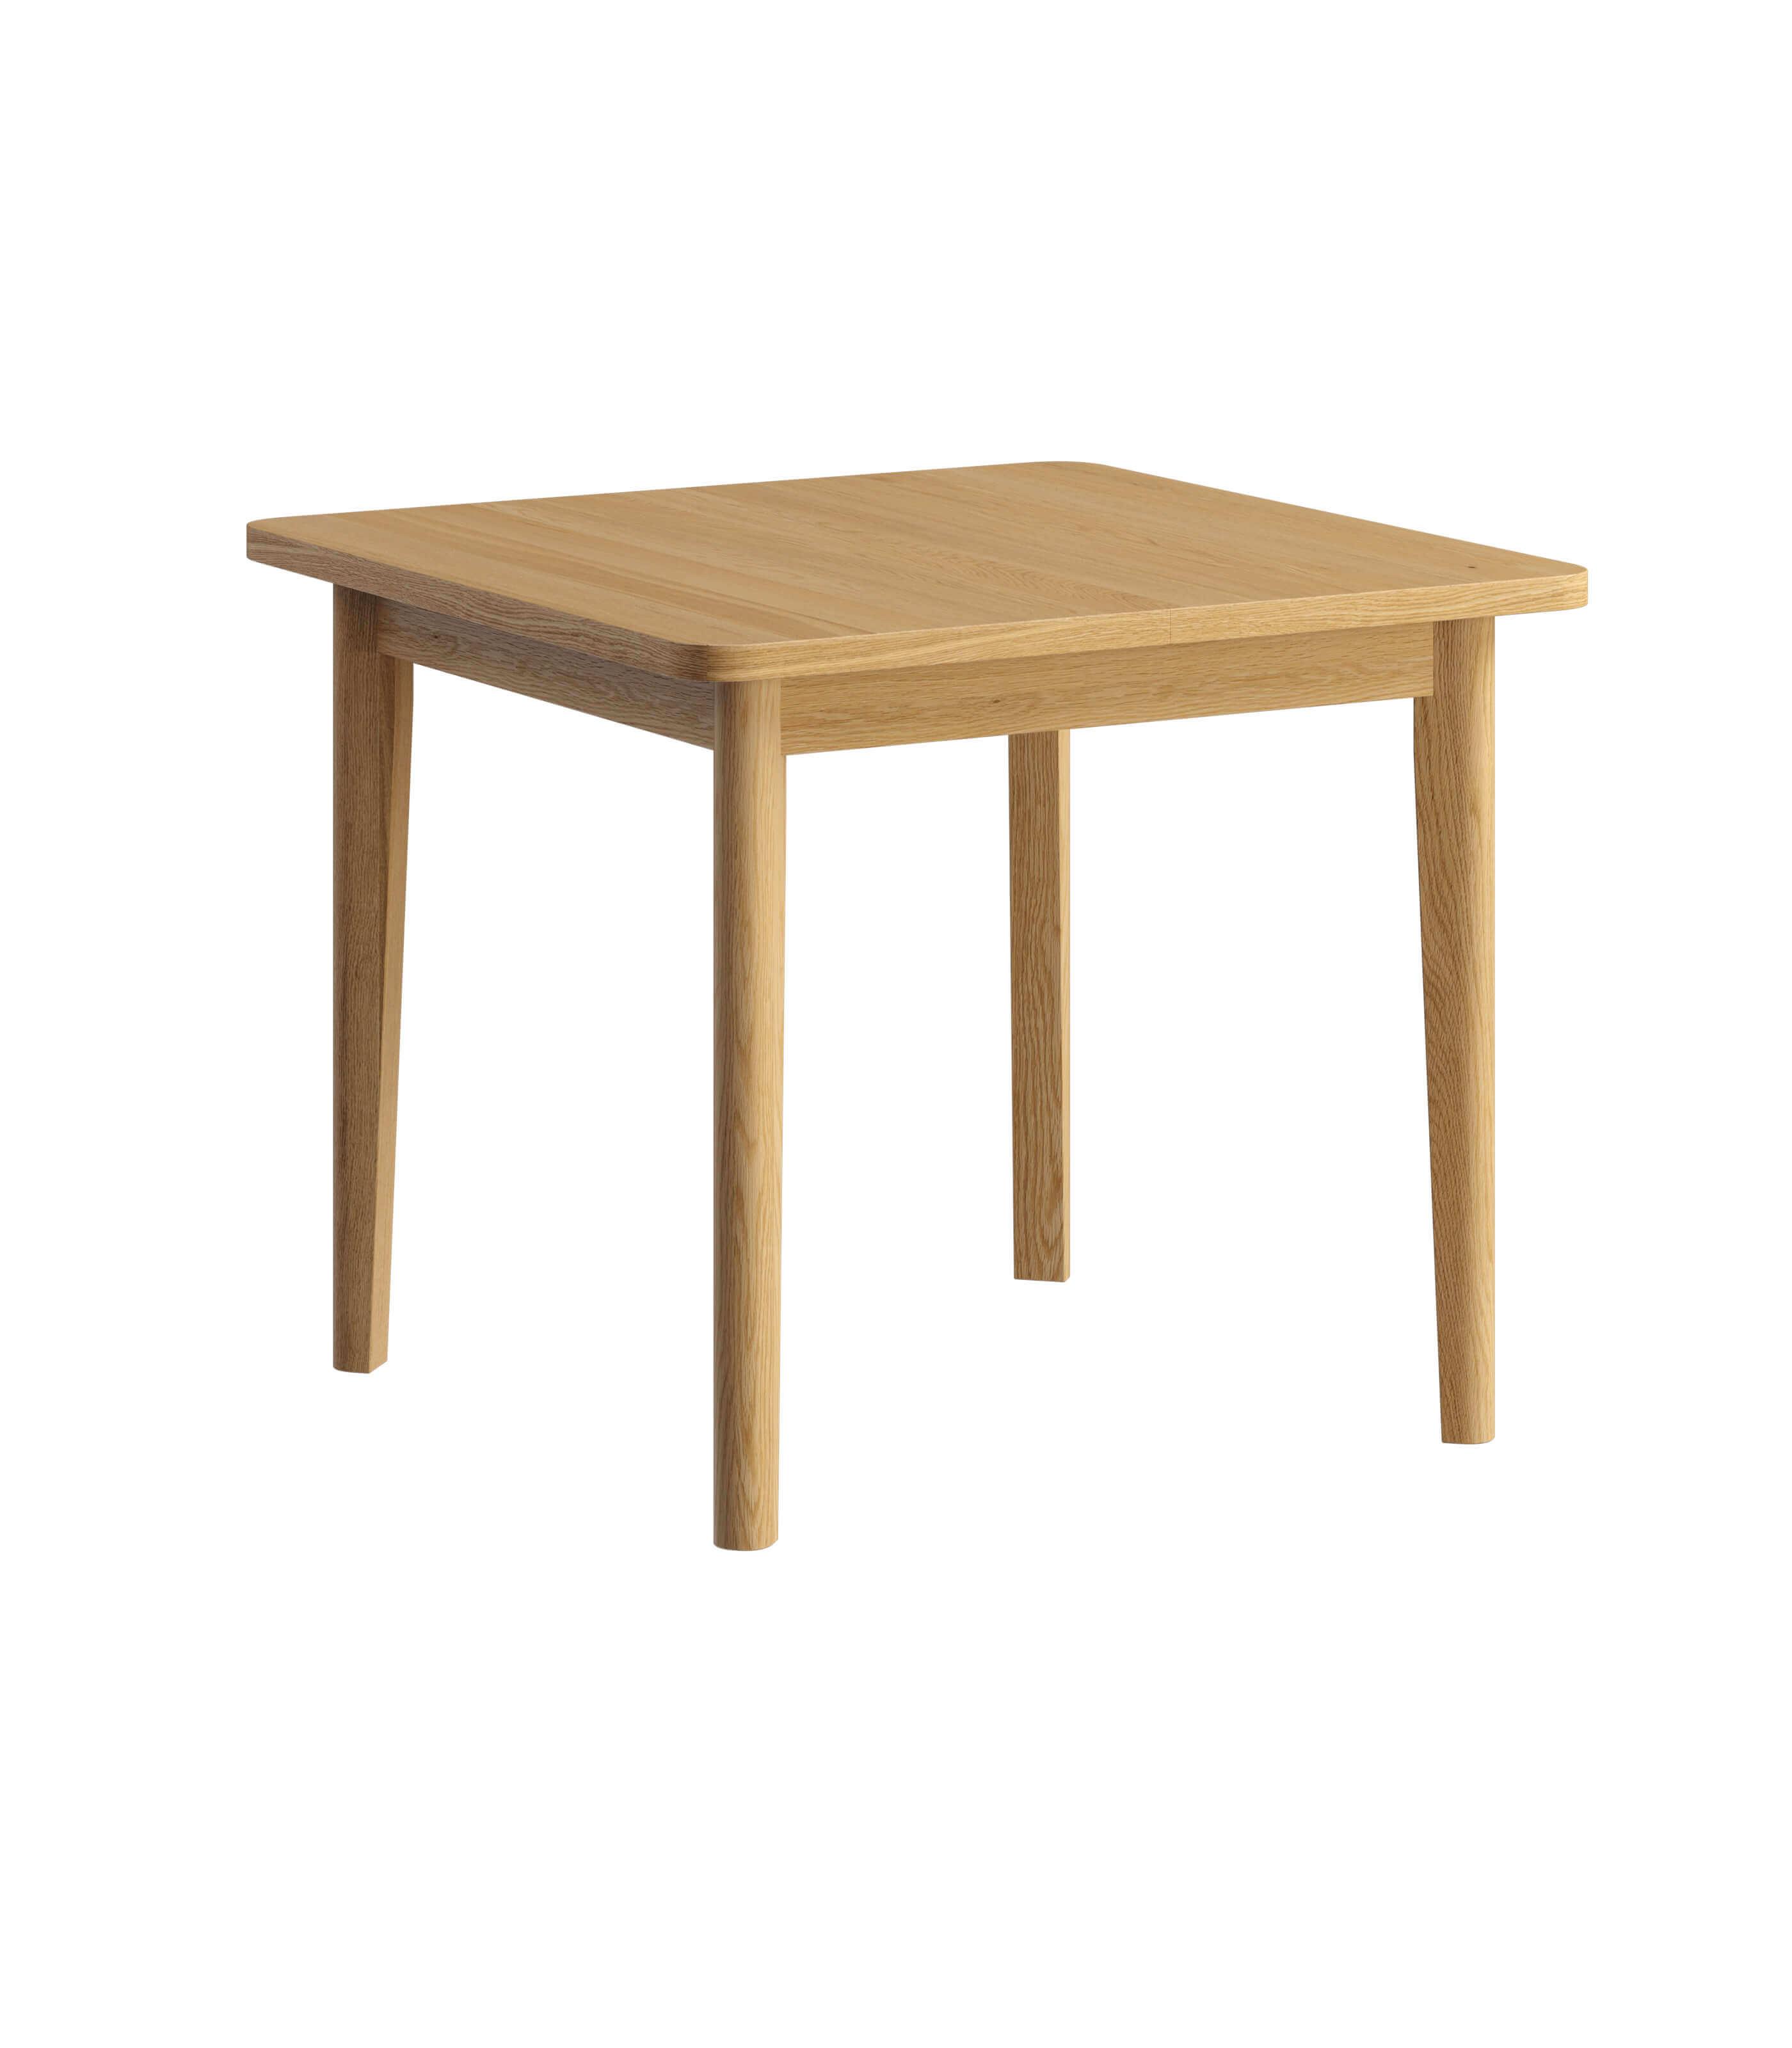 mały rozkladany stół rozkładany 90x90